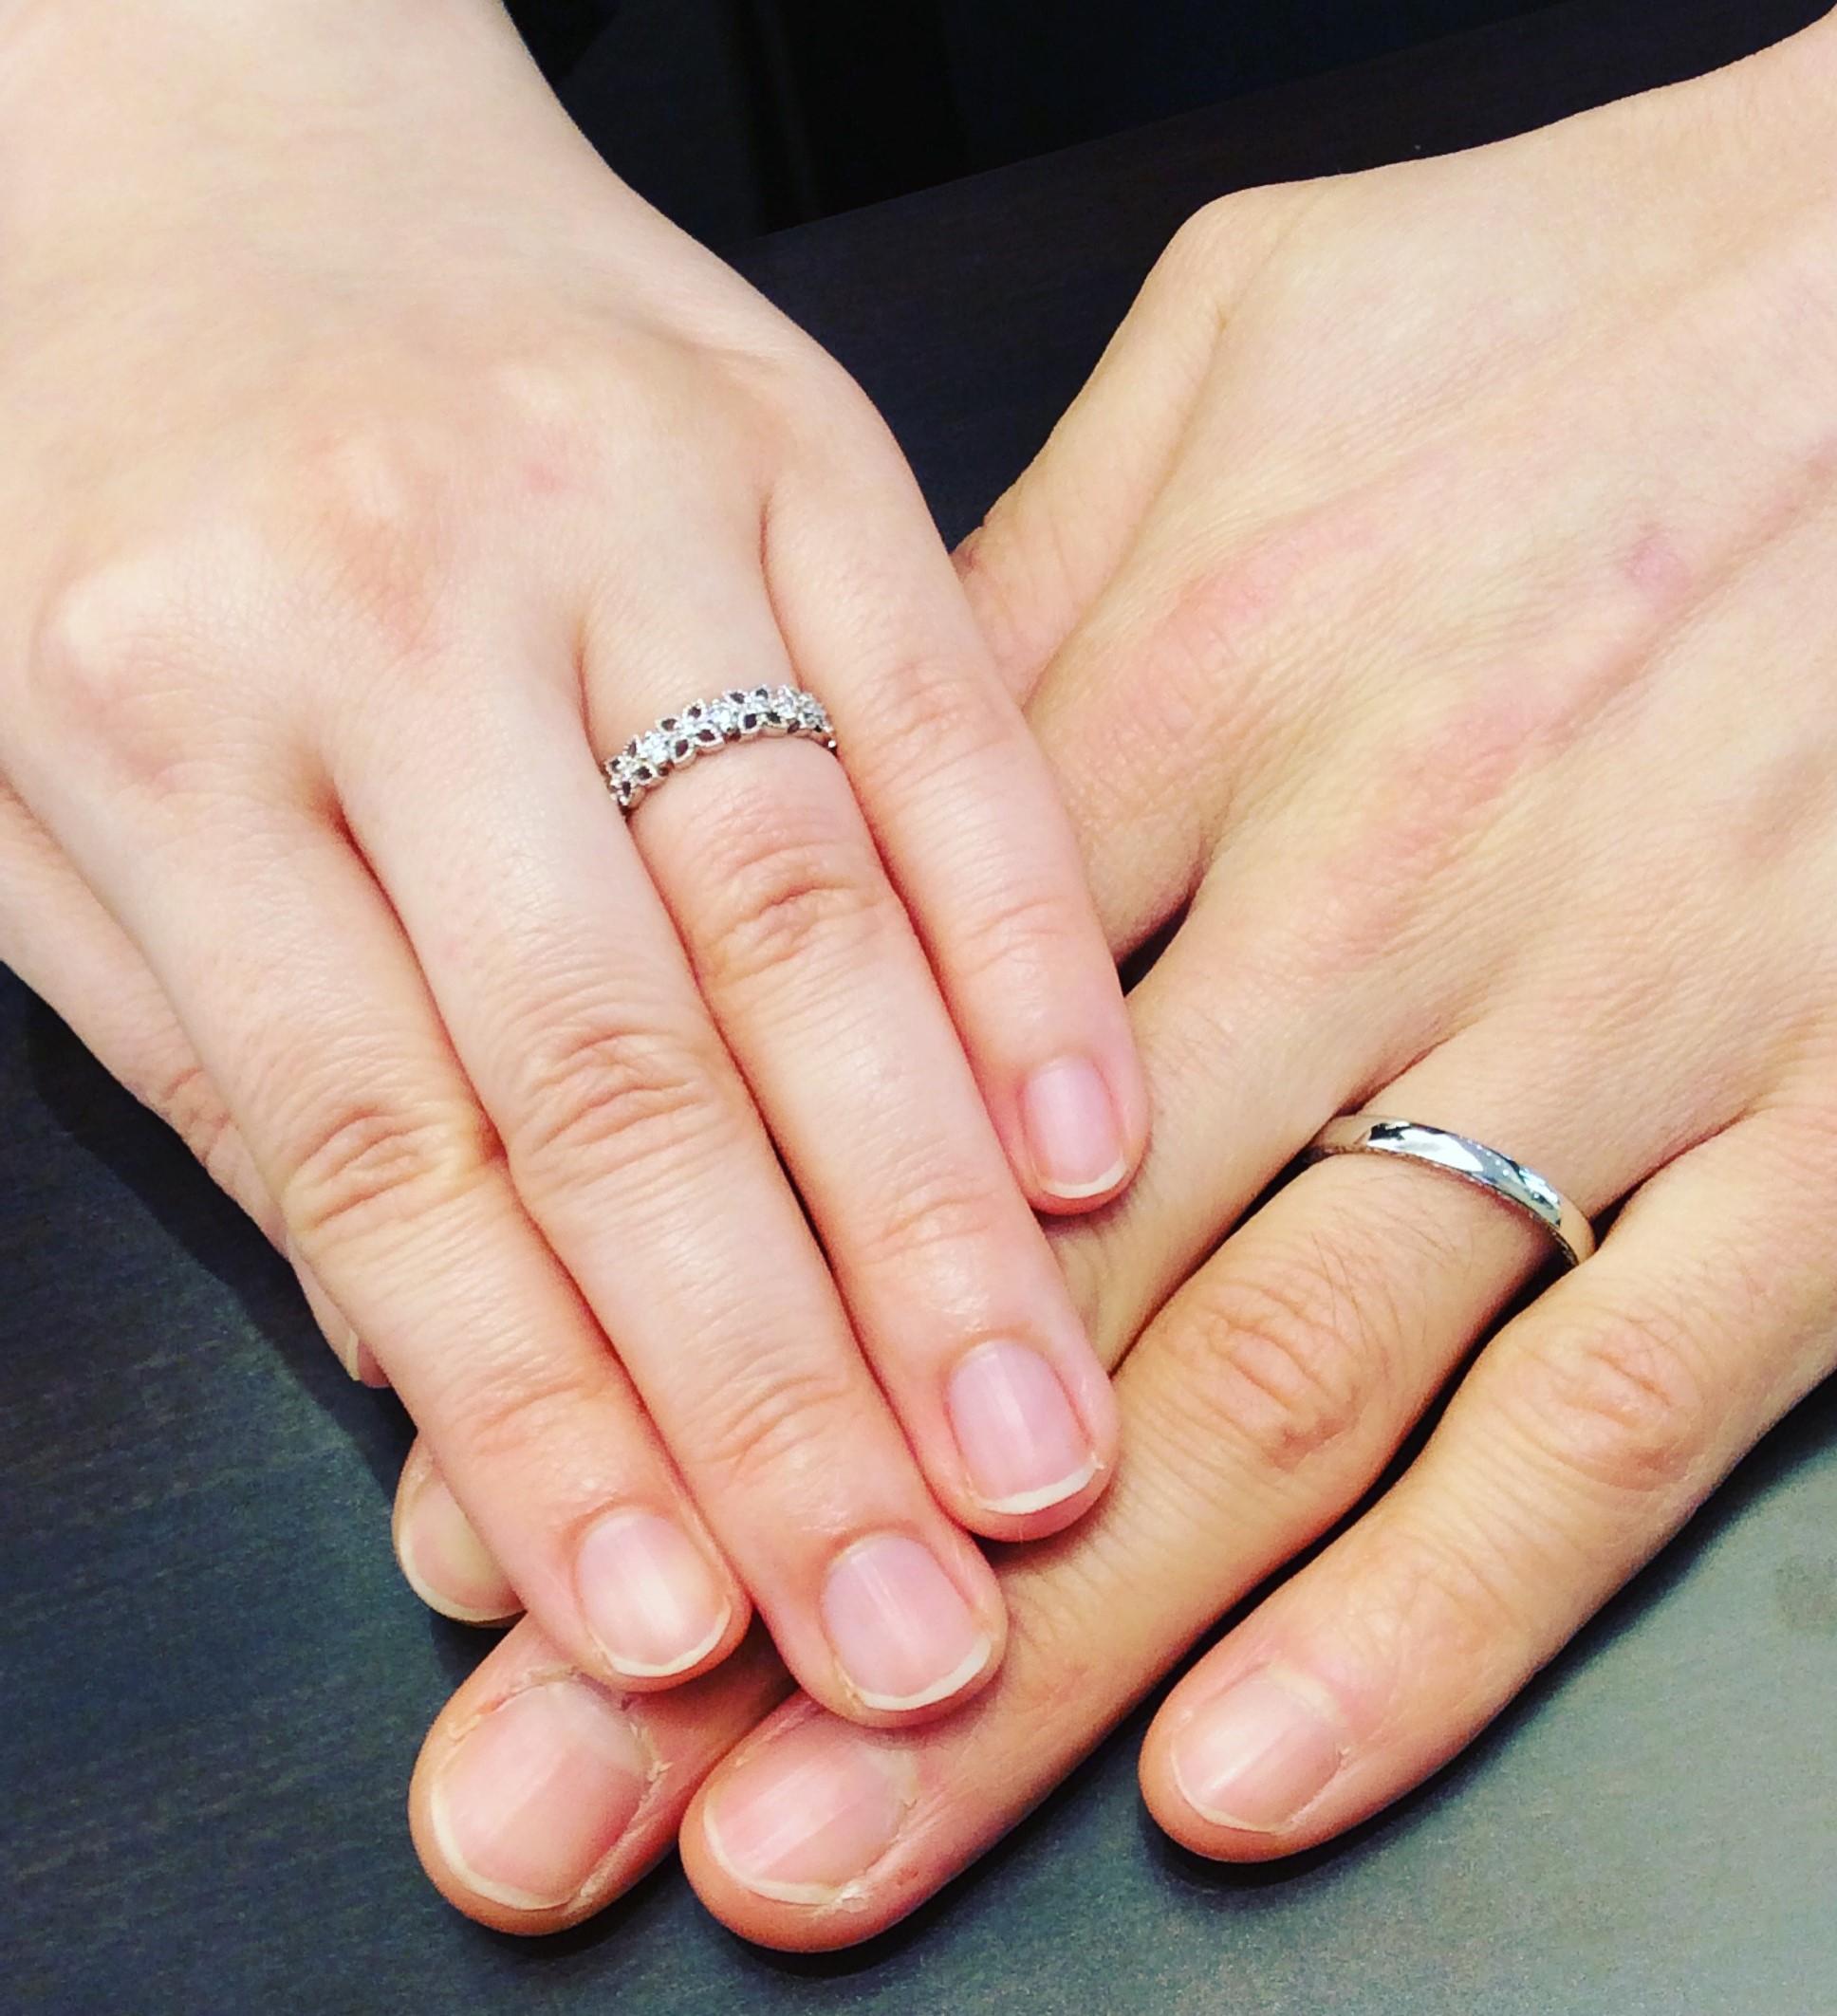 """ルシエ(LUCIE)のご結婚指輪""""ネッサンス""""&""""ぺタル""""  (新潟市/Y様ご夫婦)"""